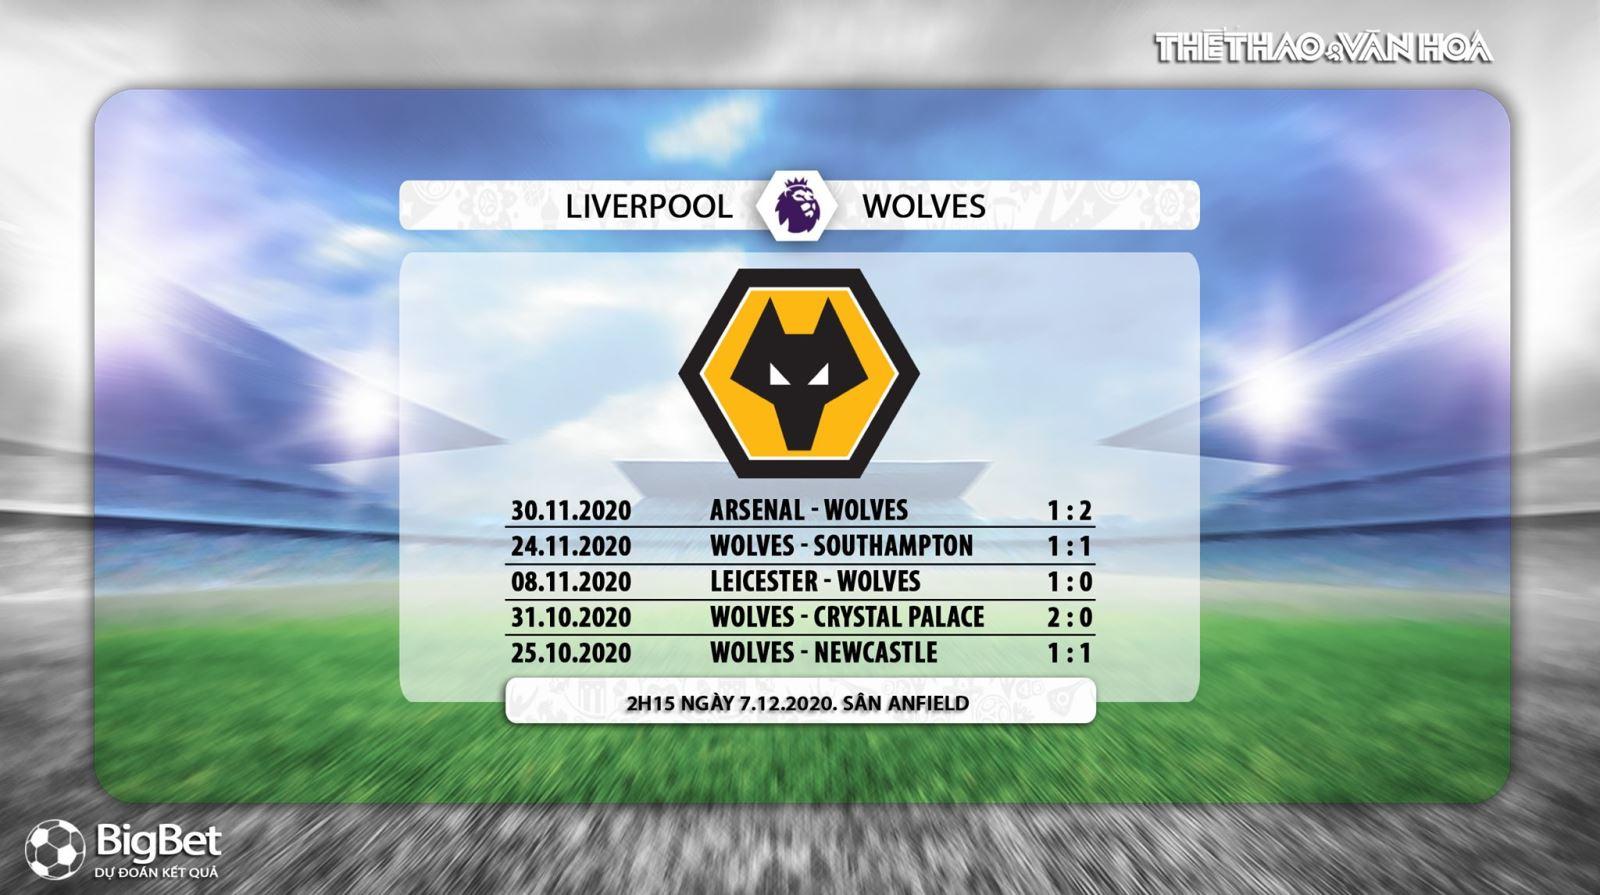 Keo nha cai, kèo nhà cái, Liverpool vs Wolves, truc tiep bong da, ngoai hang Anh vòng 11, kèo bóng đá, trực tiếp Liverpool đấu với Wolves, trực tiếp bóng đá Anh, K+PM